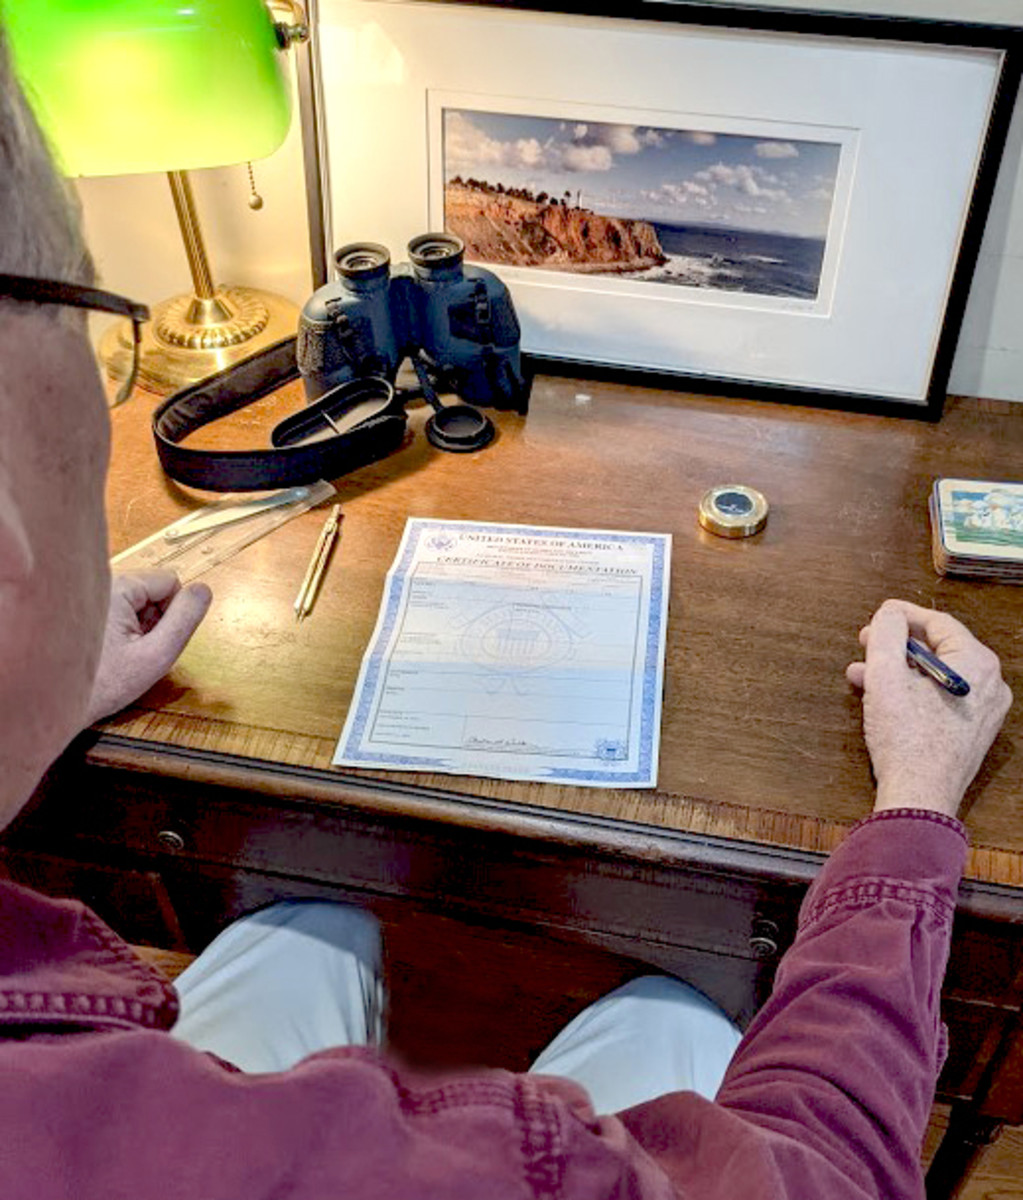 1_BoatUS_Gov Aff USCG 5 Year Documentation photo 4_14_21